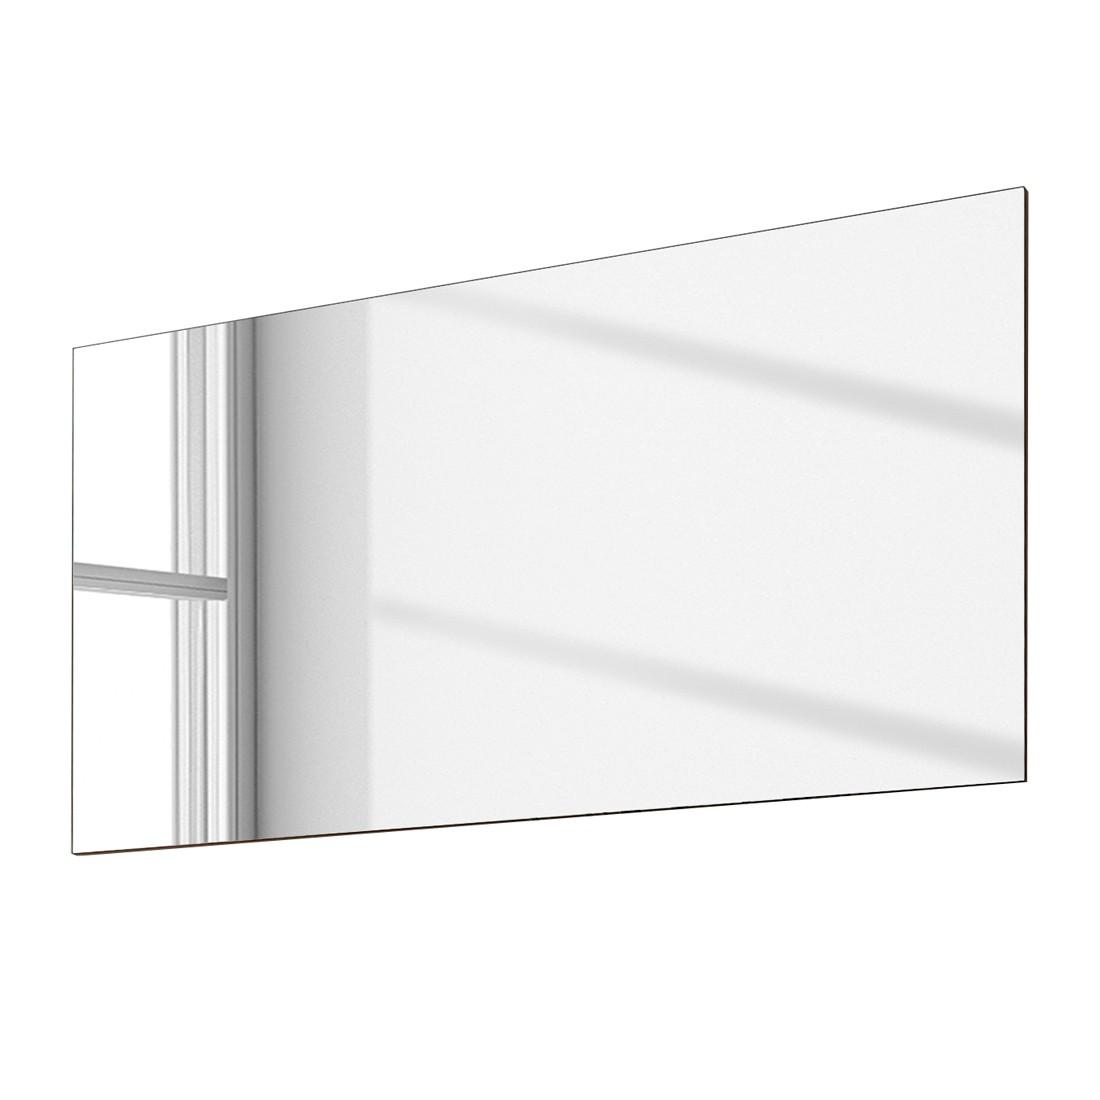 Spiegel Texture – Sanremo-Eiche Dekor, Top Square jetzt bestellen